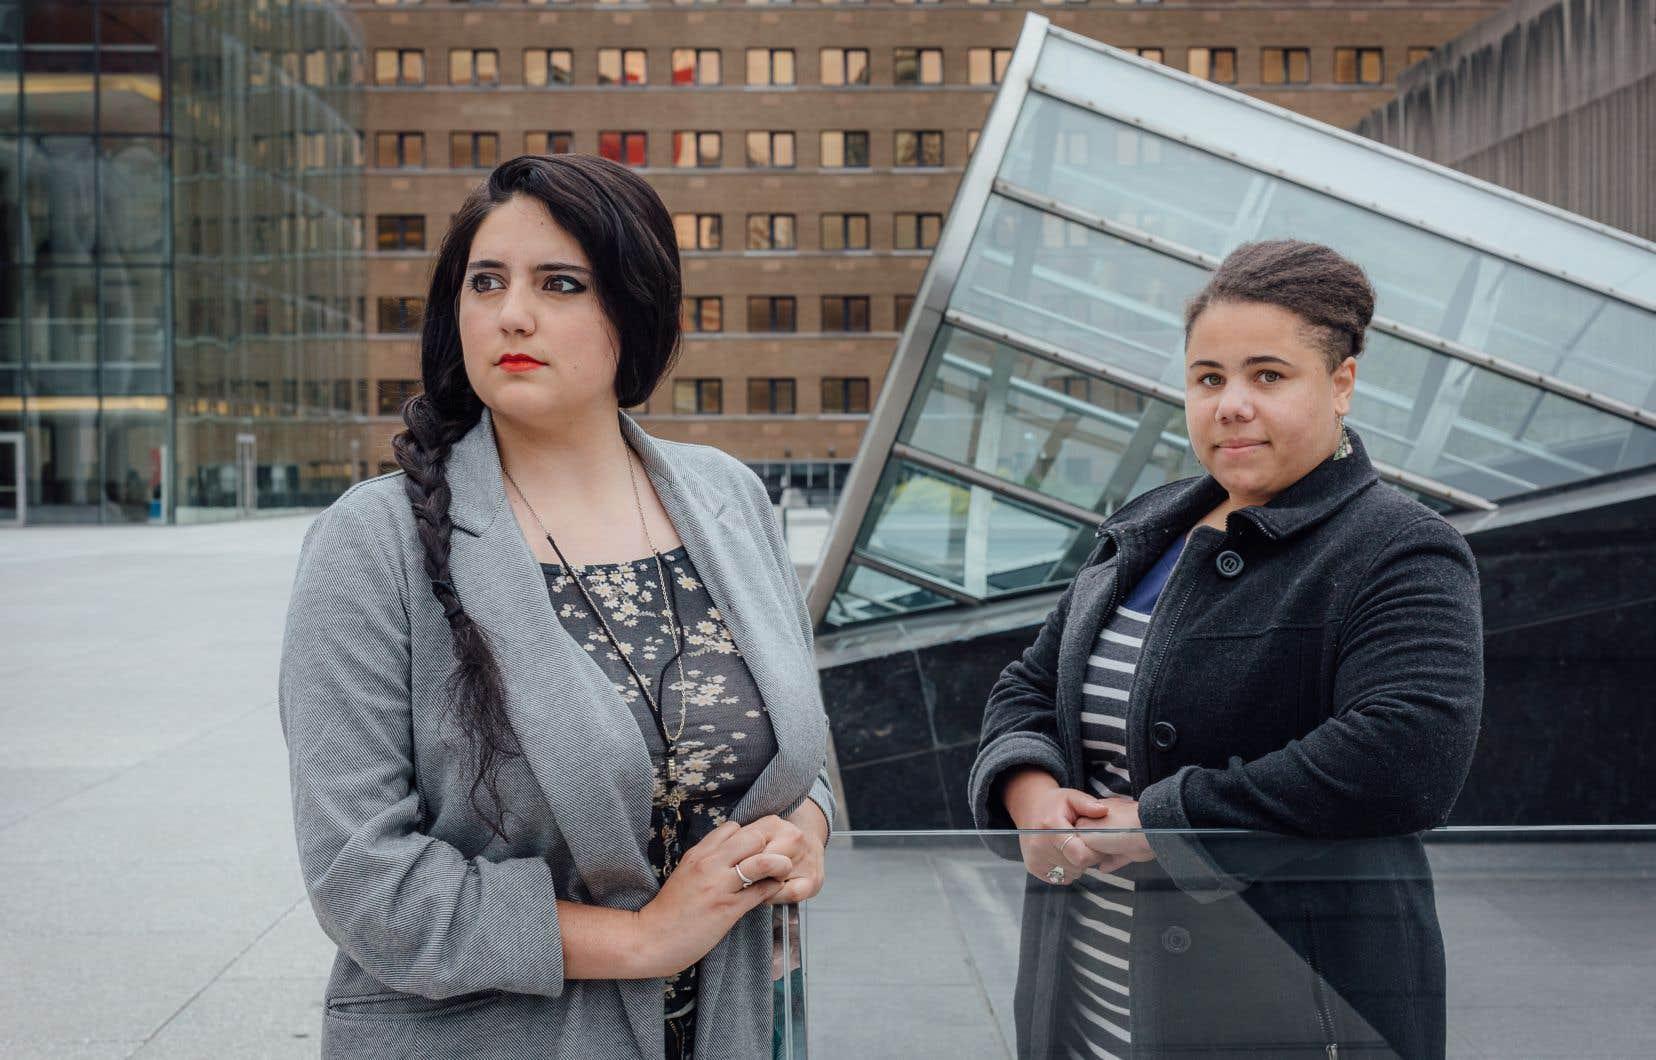 Mélanie Lemay et Alexandra Dupuy sont deux des personnes à l'origine de l'initiative sur Instagram pour donner la parole aux victimes de violences sexuelles ou racistes afin qu'elles expriment les conséquences liées àleur agression.